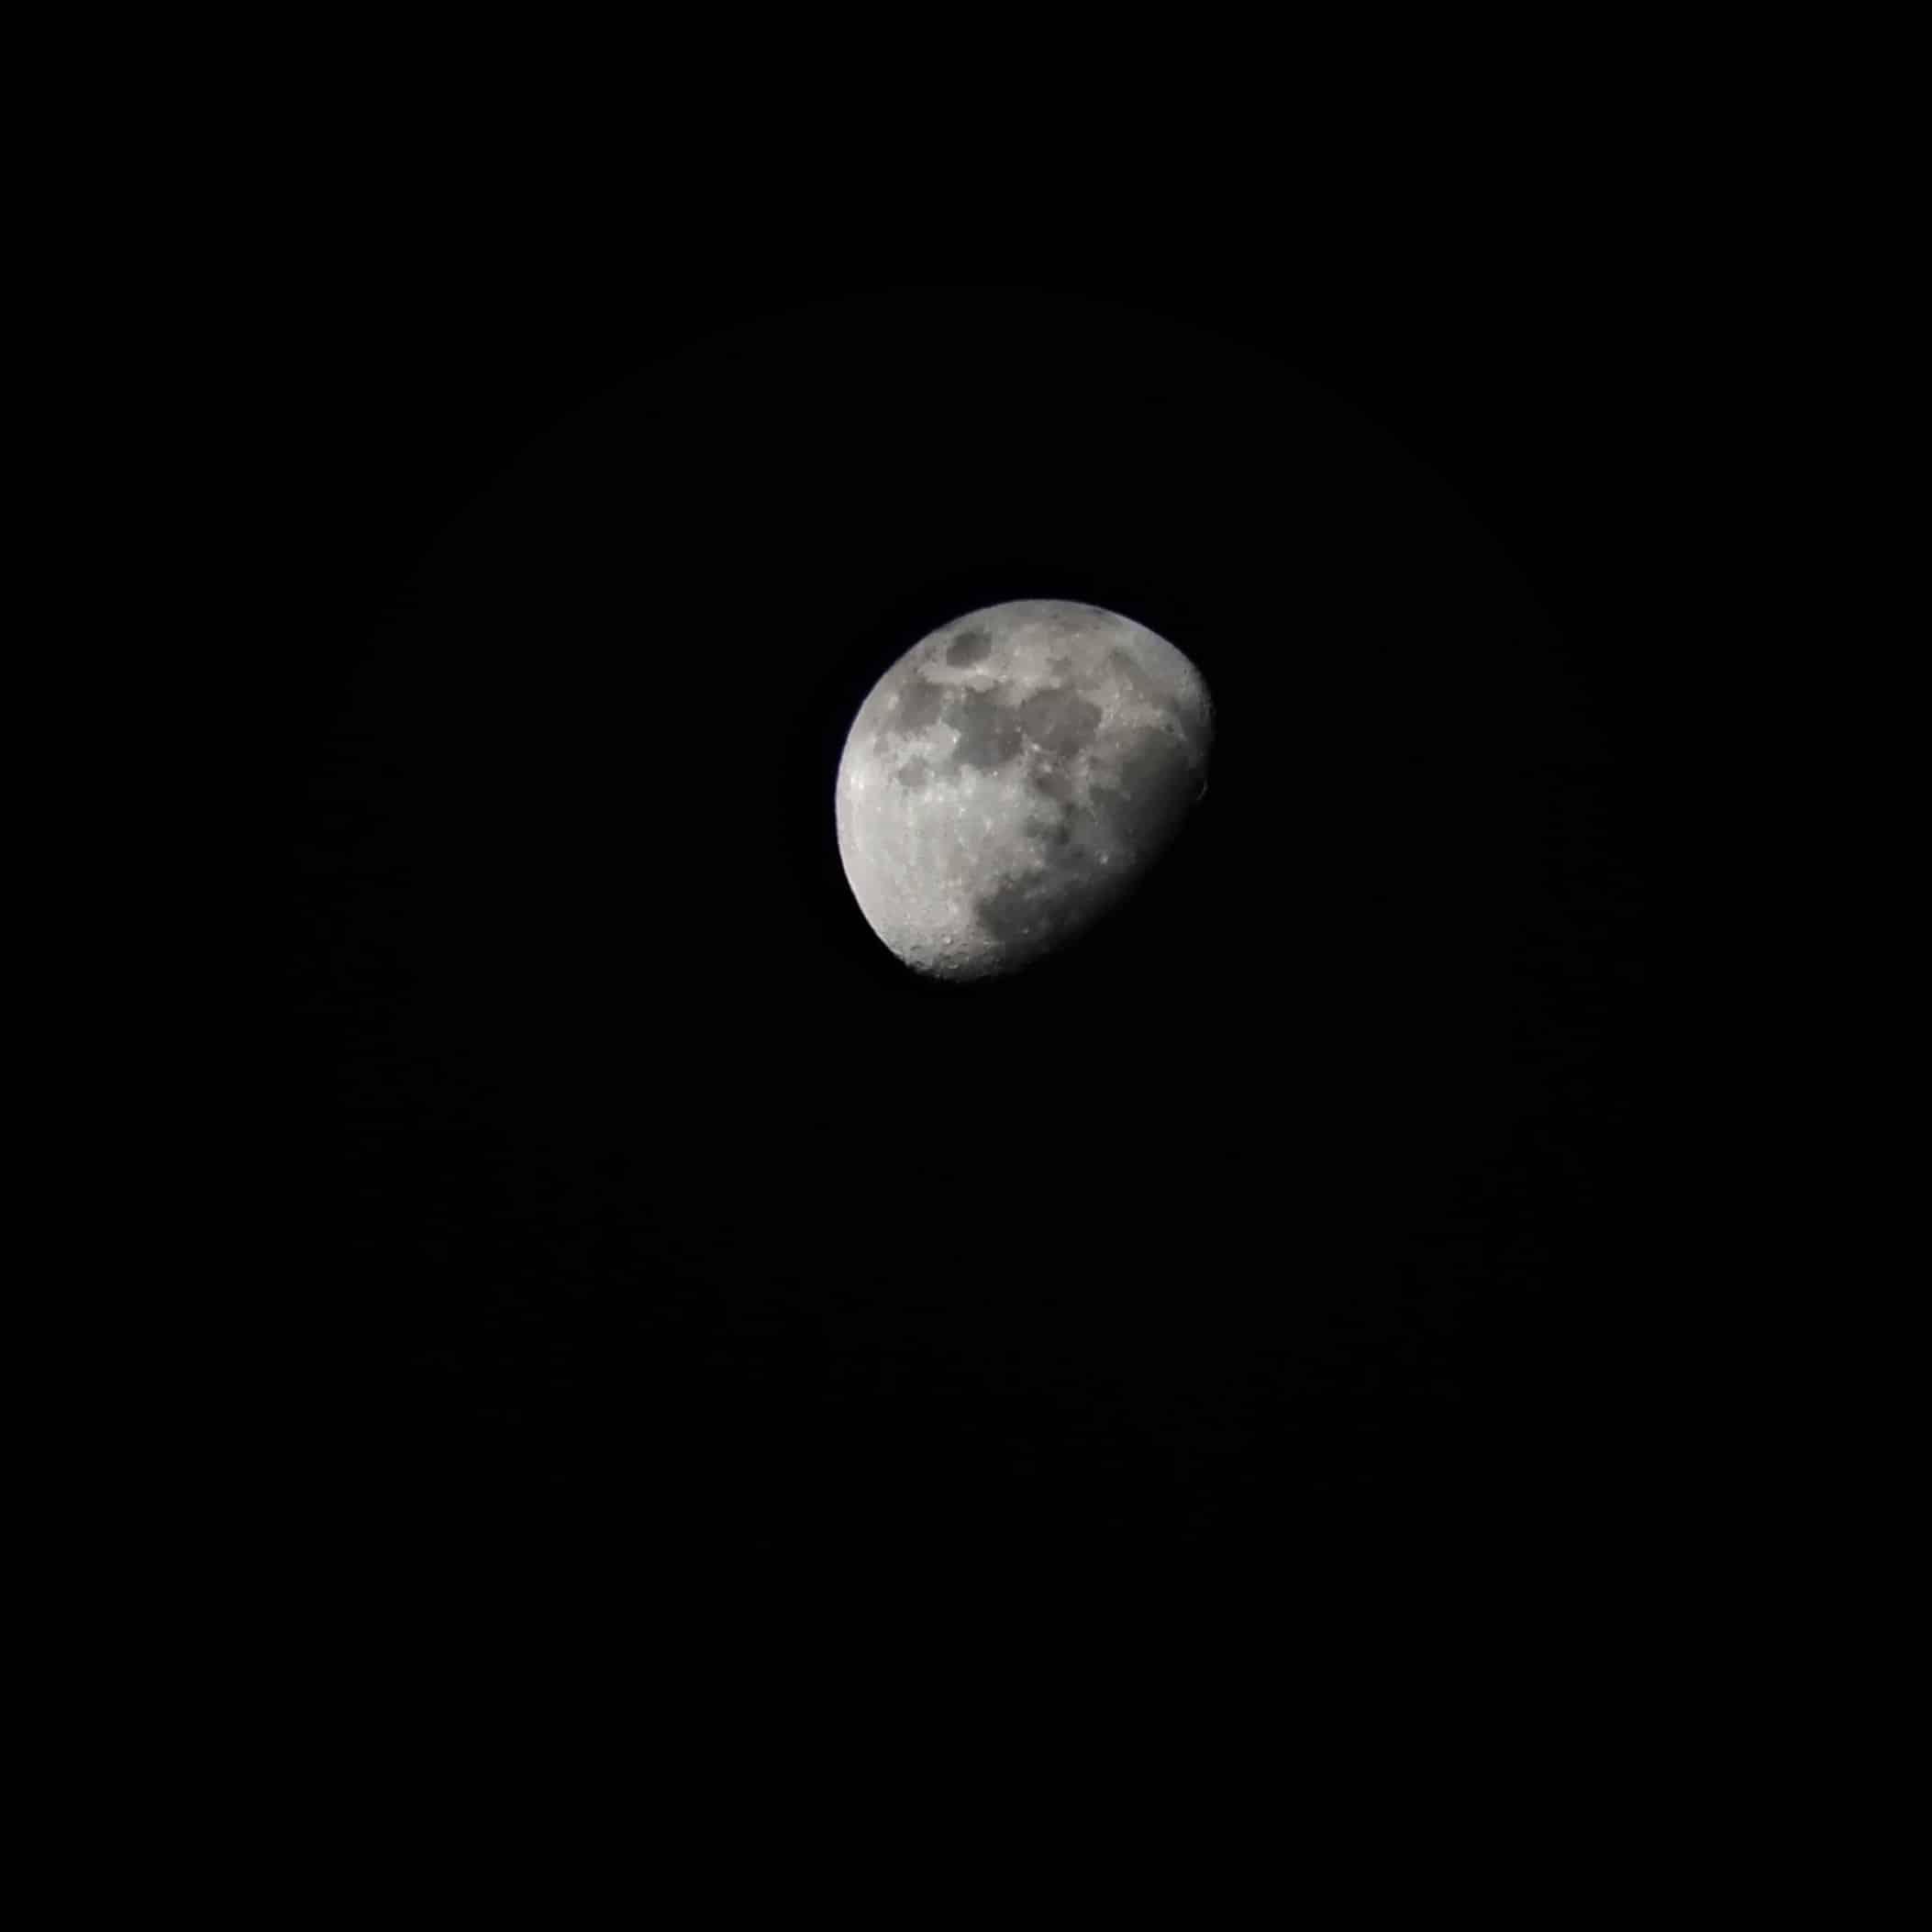 Luna Observación 7 de febrero 2017